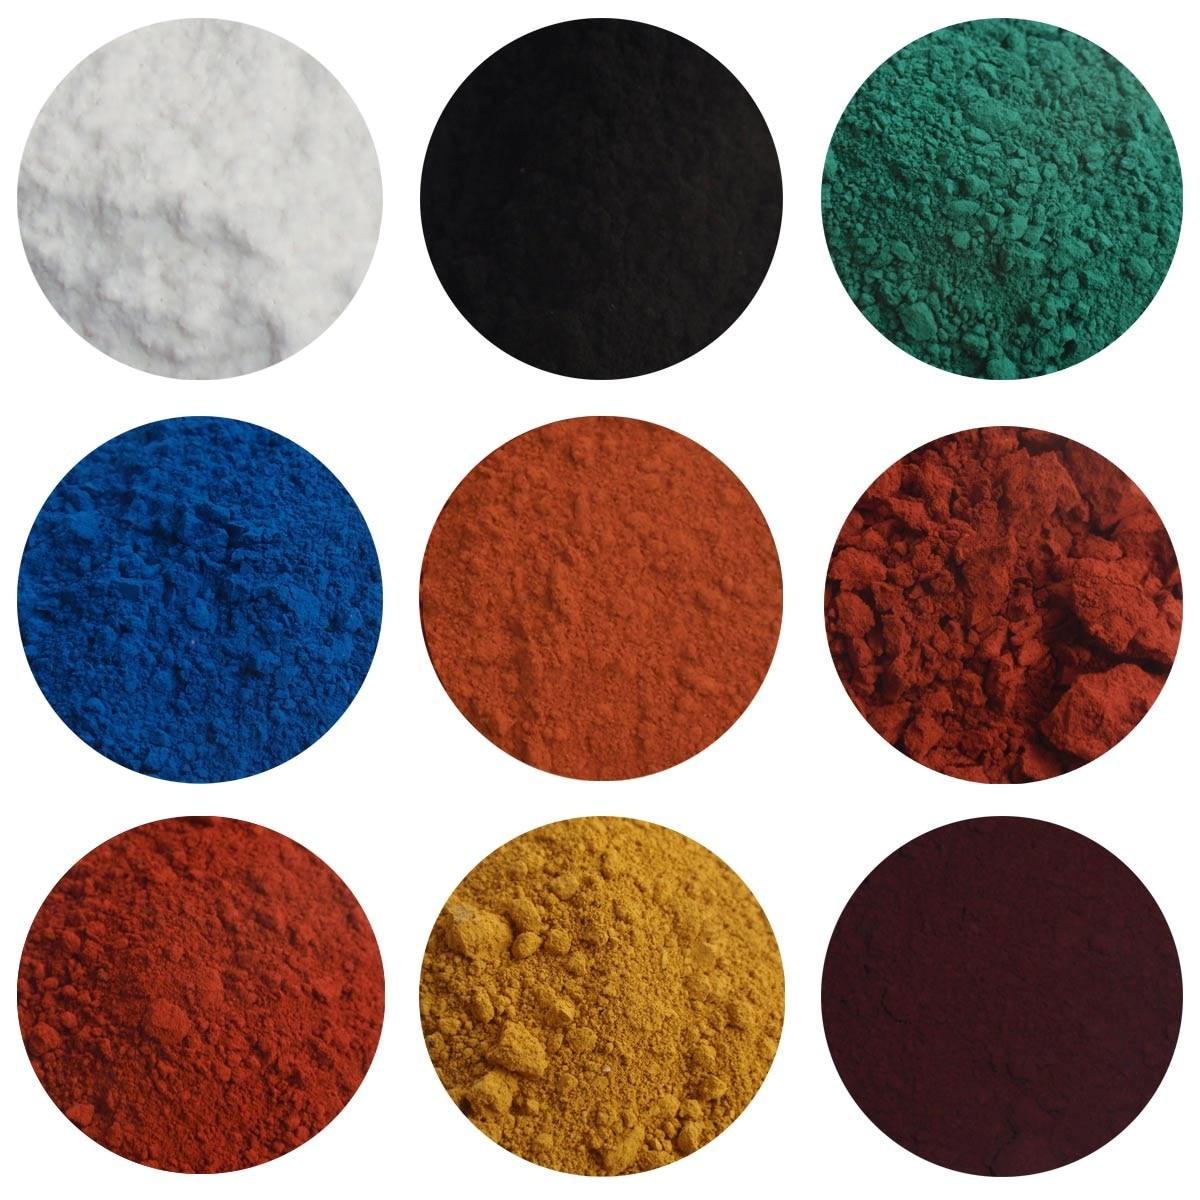 500 г тонер индивидуальность тротуар цвет добавить цвет бетон краситель цвет паста железо оксид пигмент сделай сам вручную мощение бетон формы